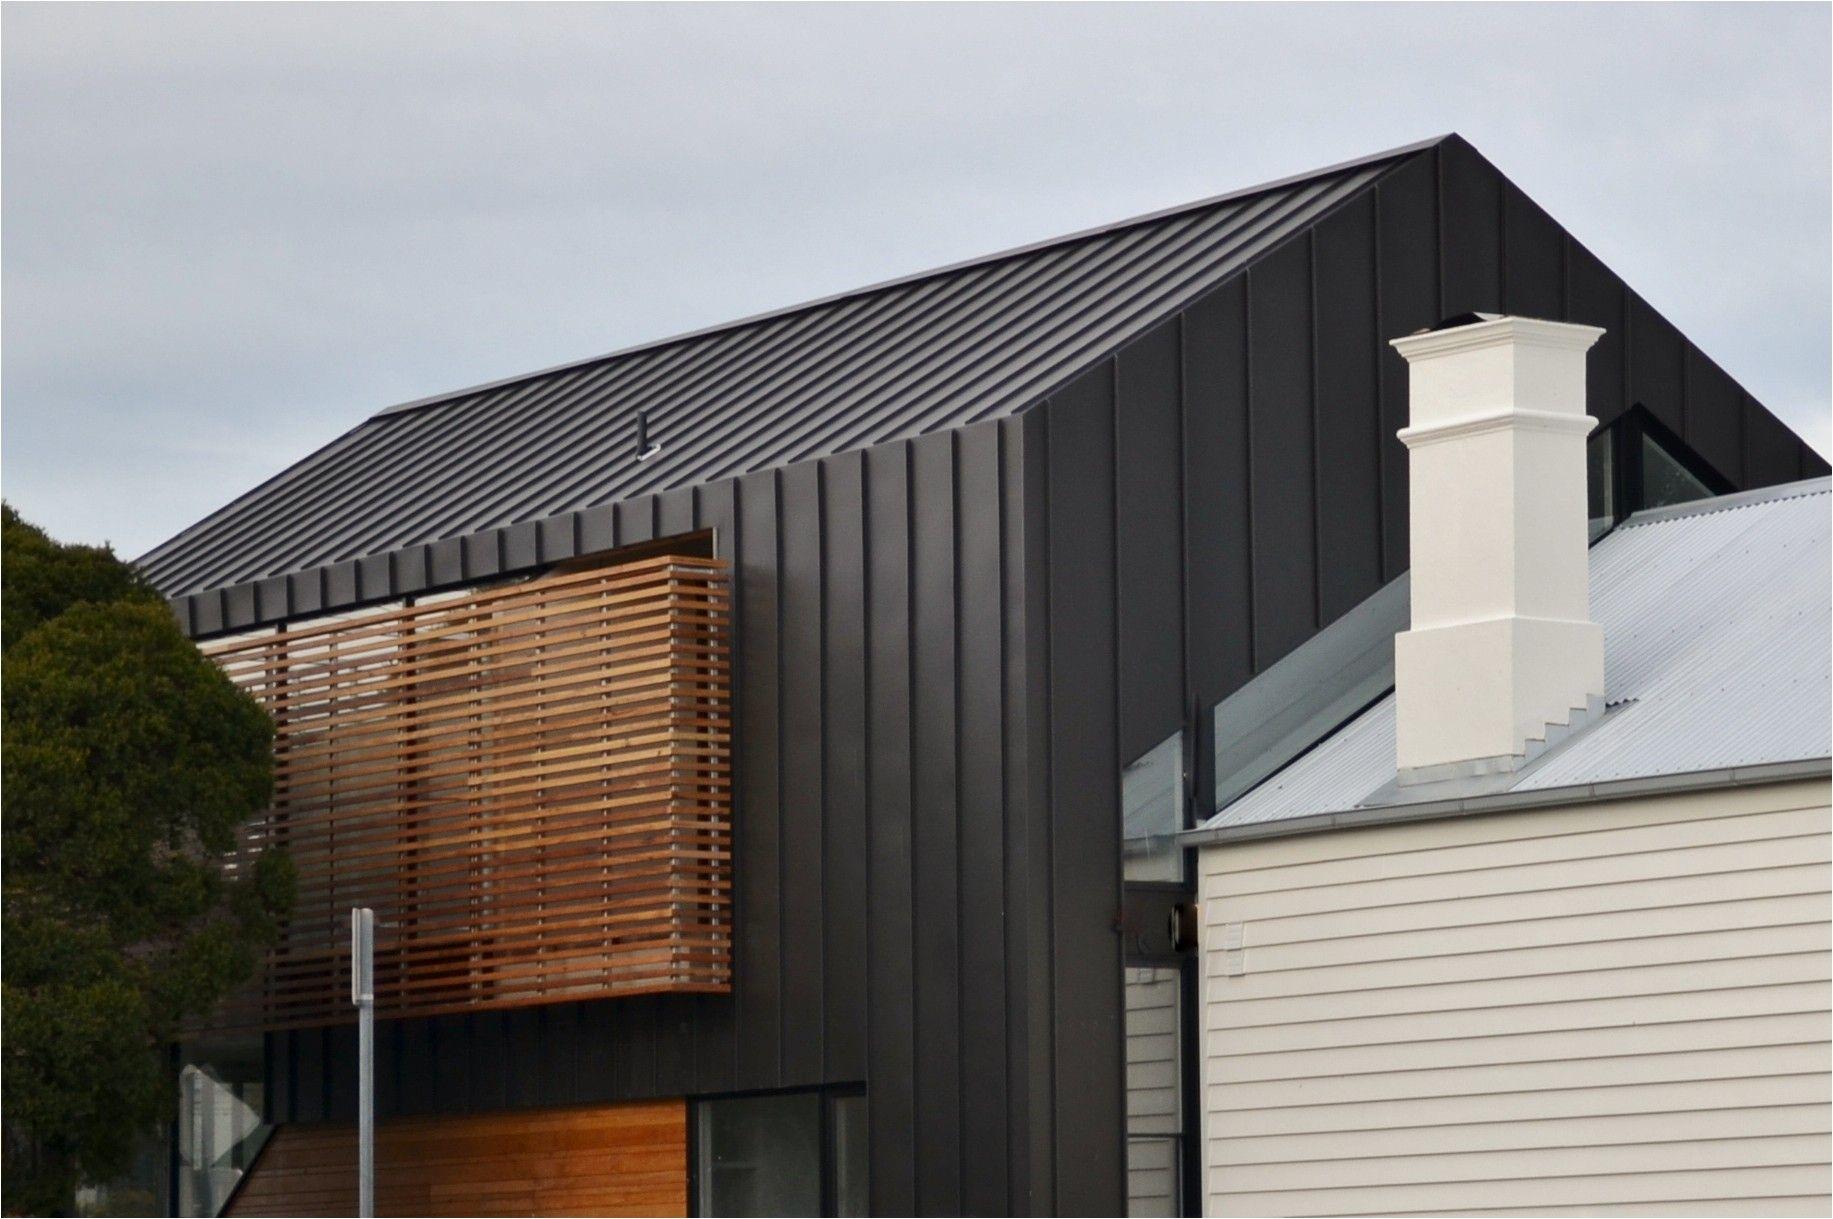 Zinc Siding Awesome Standing Seam Design Cladding Metal Cladding Cladding Systems House Cladding